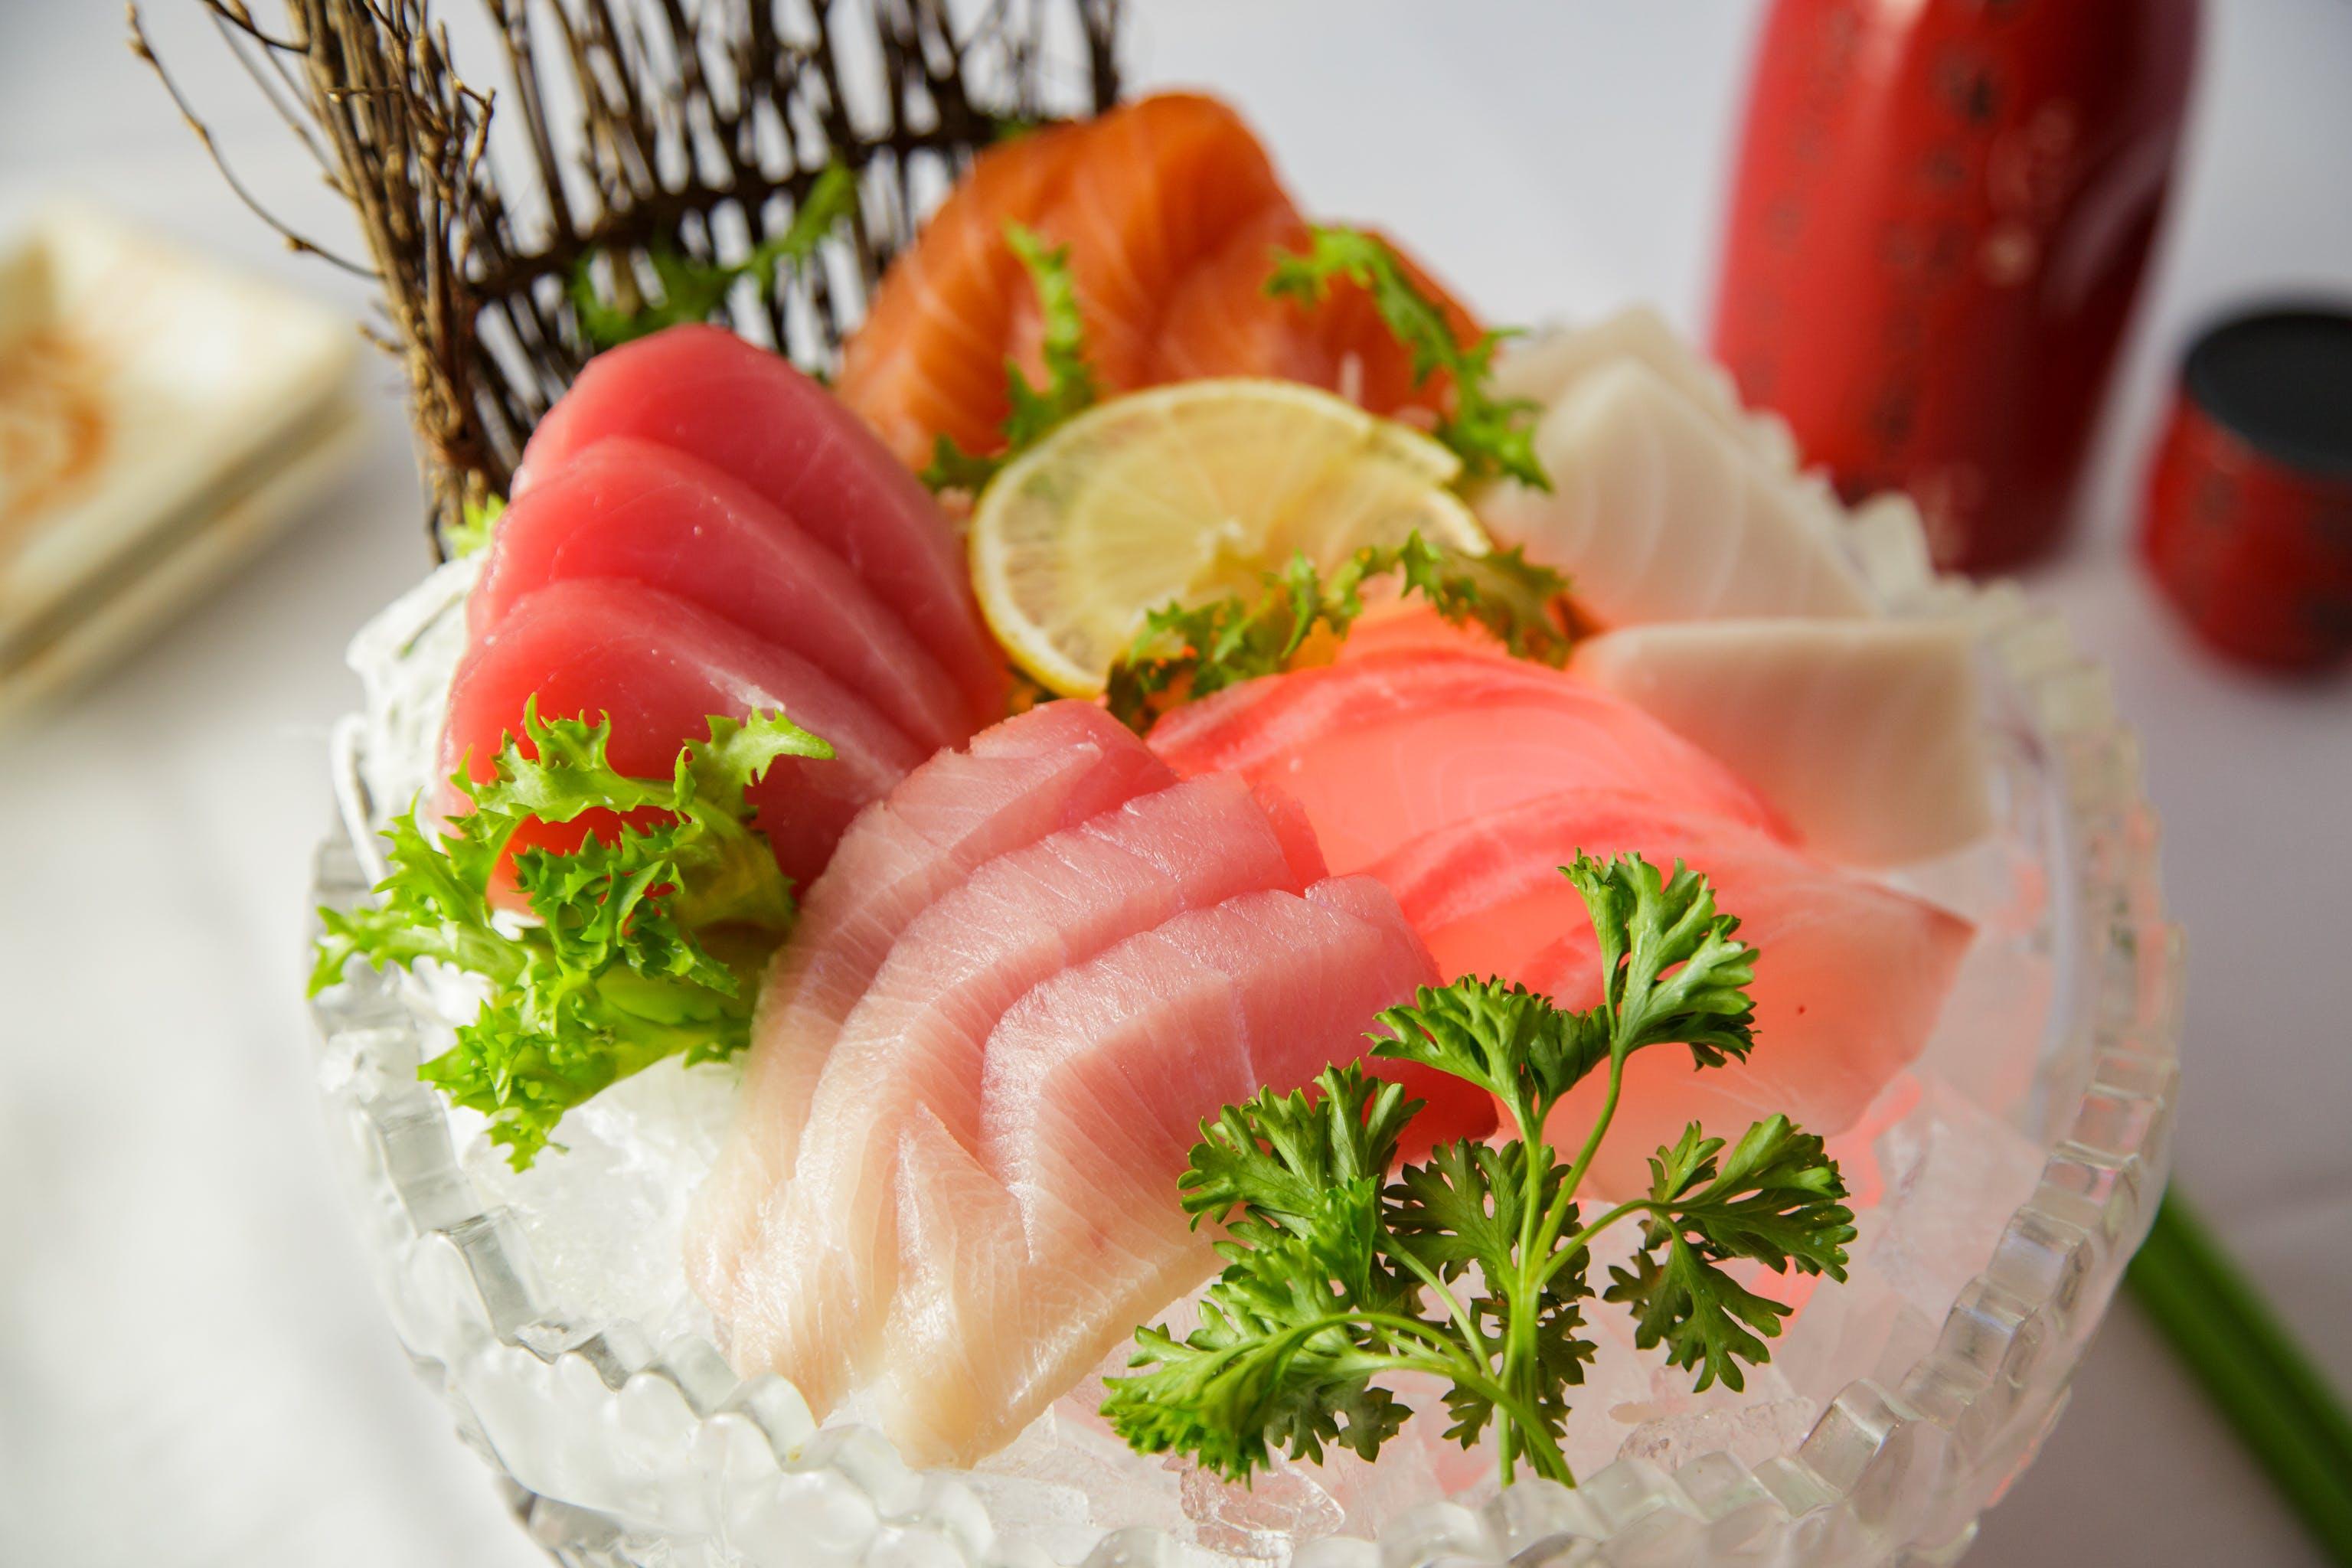 Sashimi Deluxe from Edo Japanese - Madison in Madison, WI